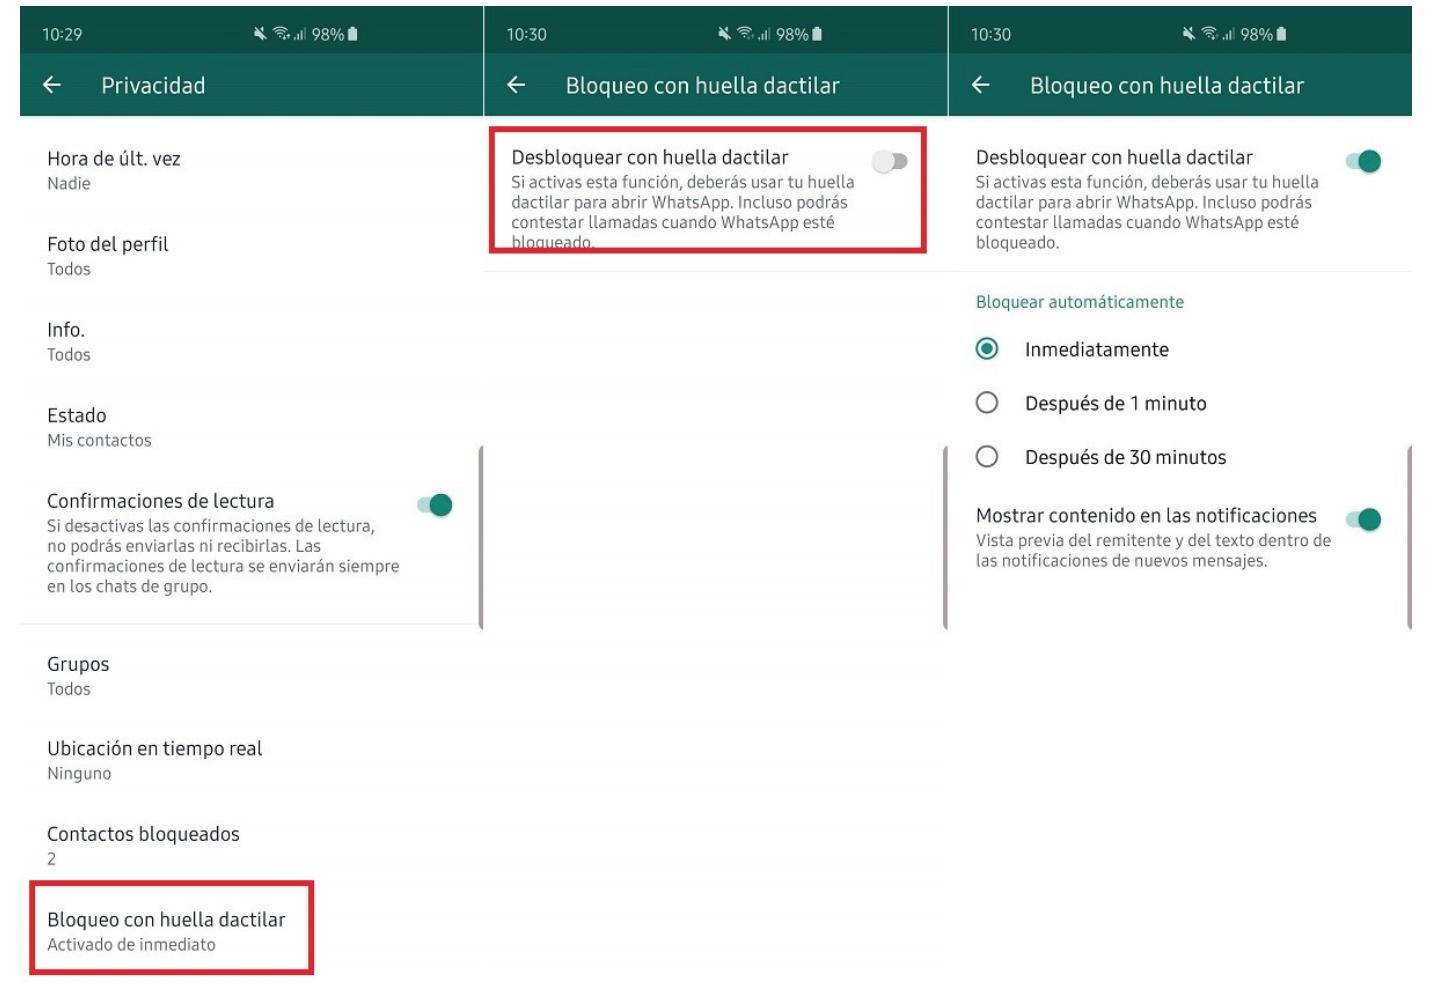 El bloqueo con huella dactilar de chats de WhatsApp llega a Android